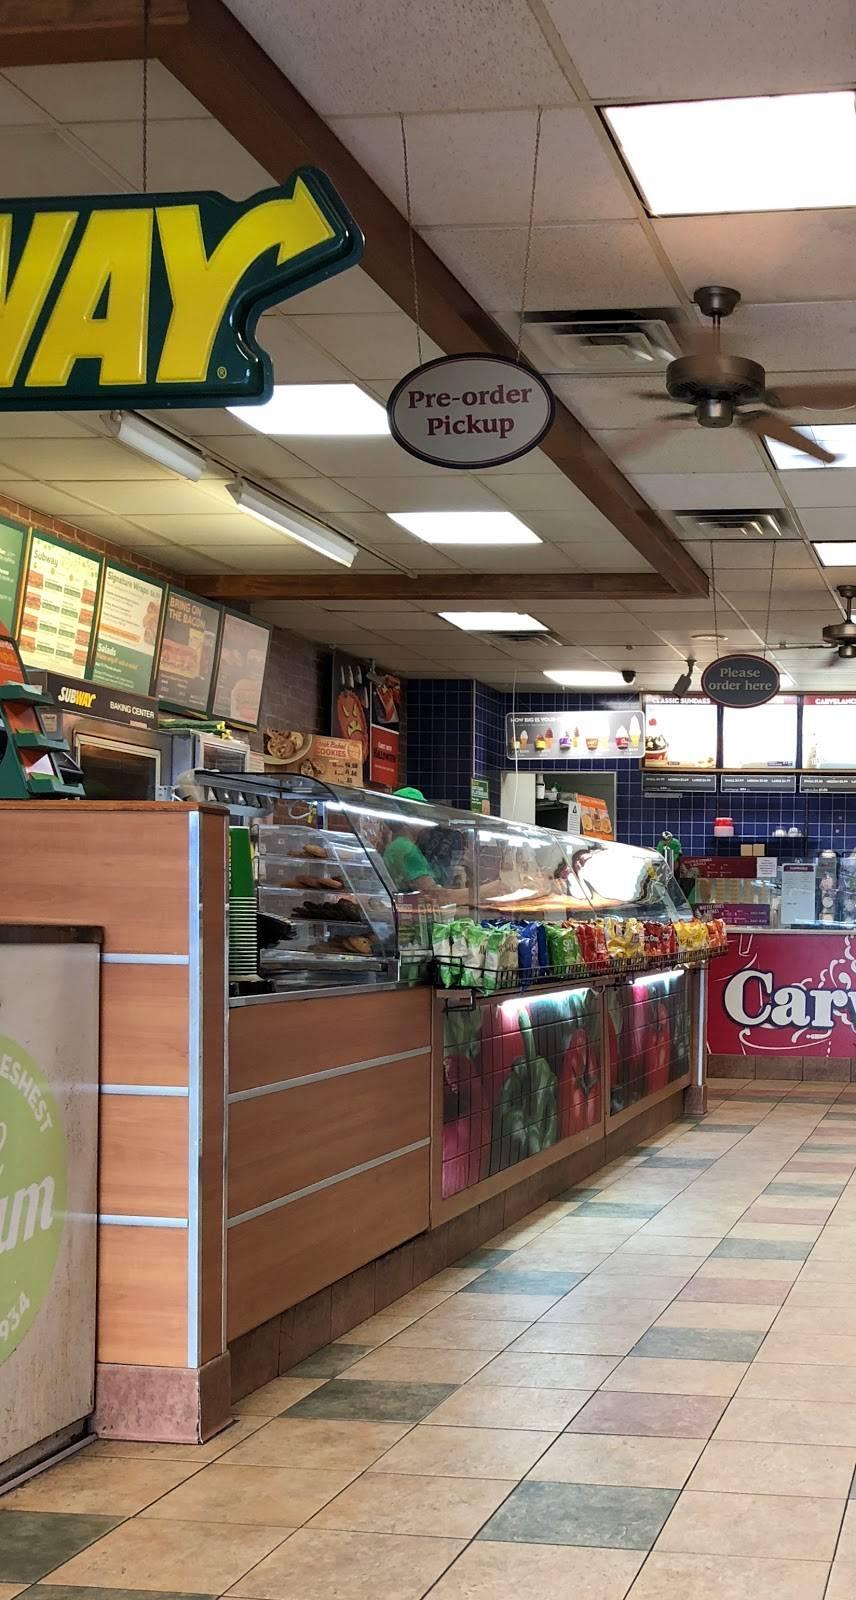 Subway Restaurants | restaurant | 31-08 30th Ave, Astoria, NY 11102, USA | 7182746500 OR +1 718-274-6500